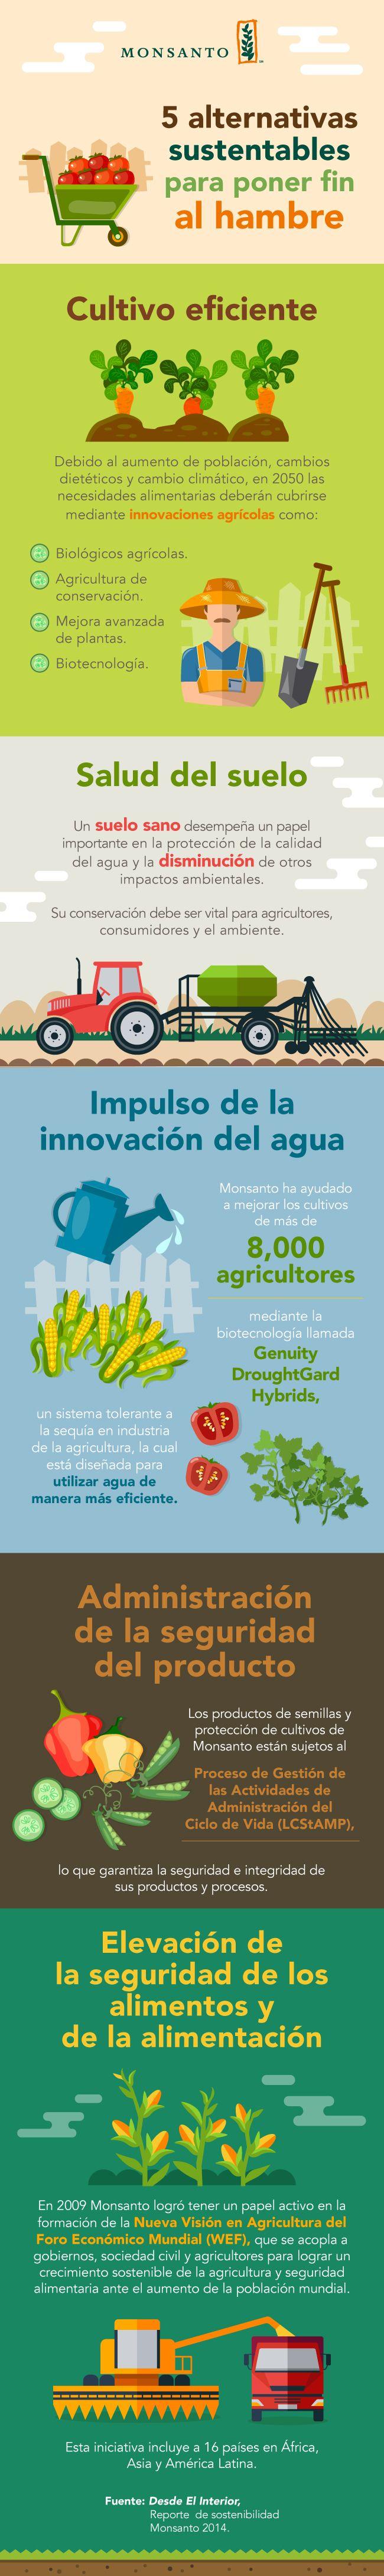 Conoce 5 maneras para trabajar por el objetivo de Desarrollo Sostenible Hambre Cero. Monsanto. http://www.expoknews.com/5-alternativas-sustentables-para-poner-fin-al-hambre/